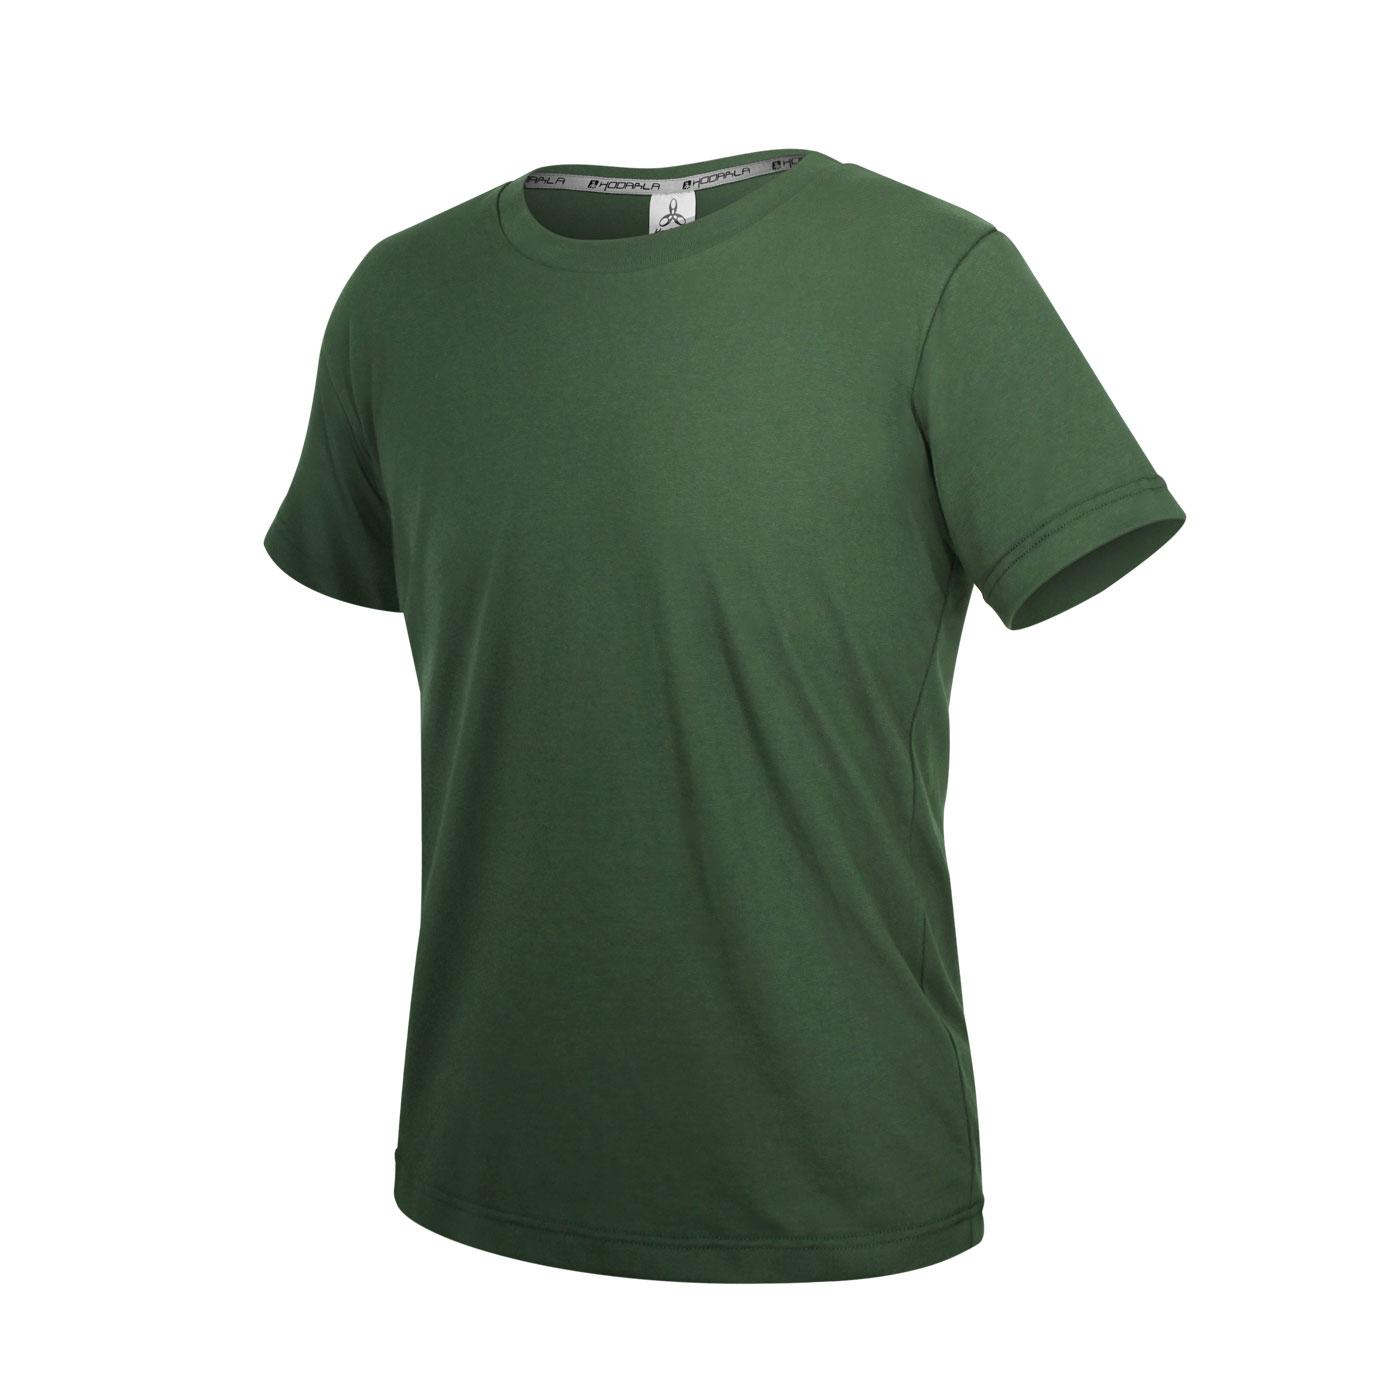 HODARLA ZERO DRY機能排汗棉T 3158401 - 軍綠